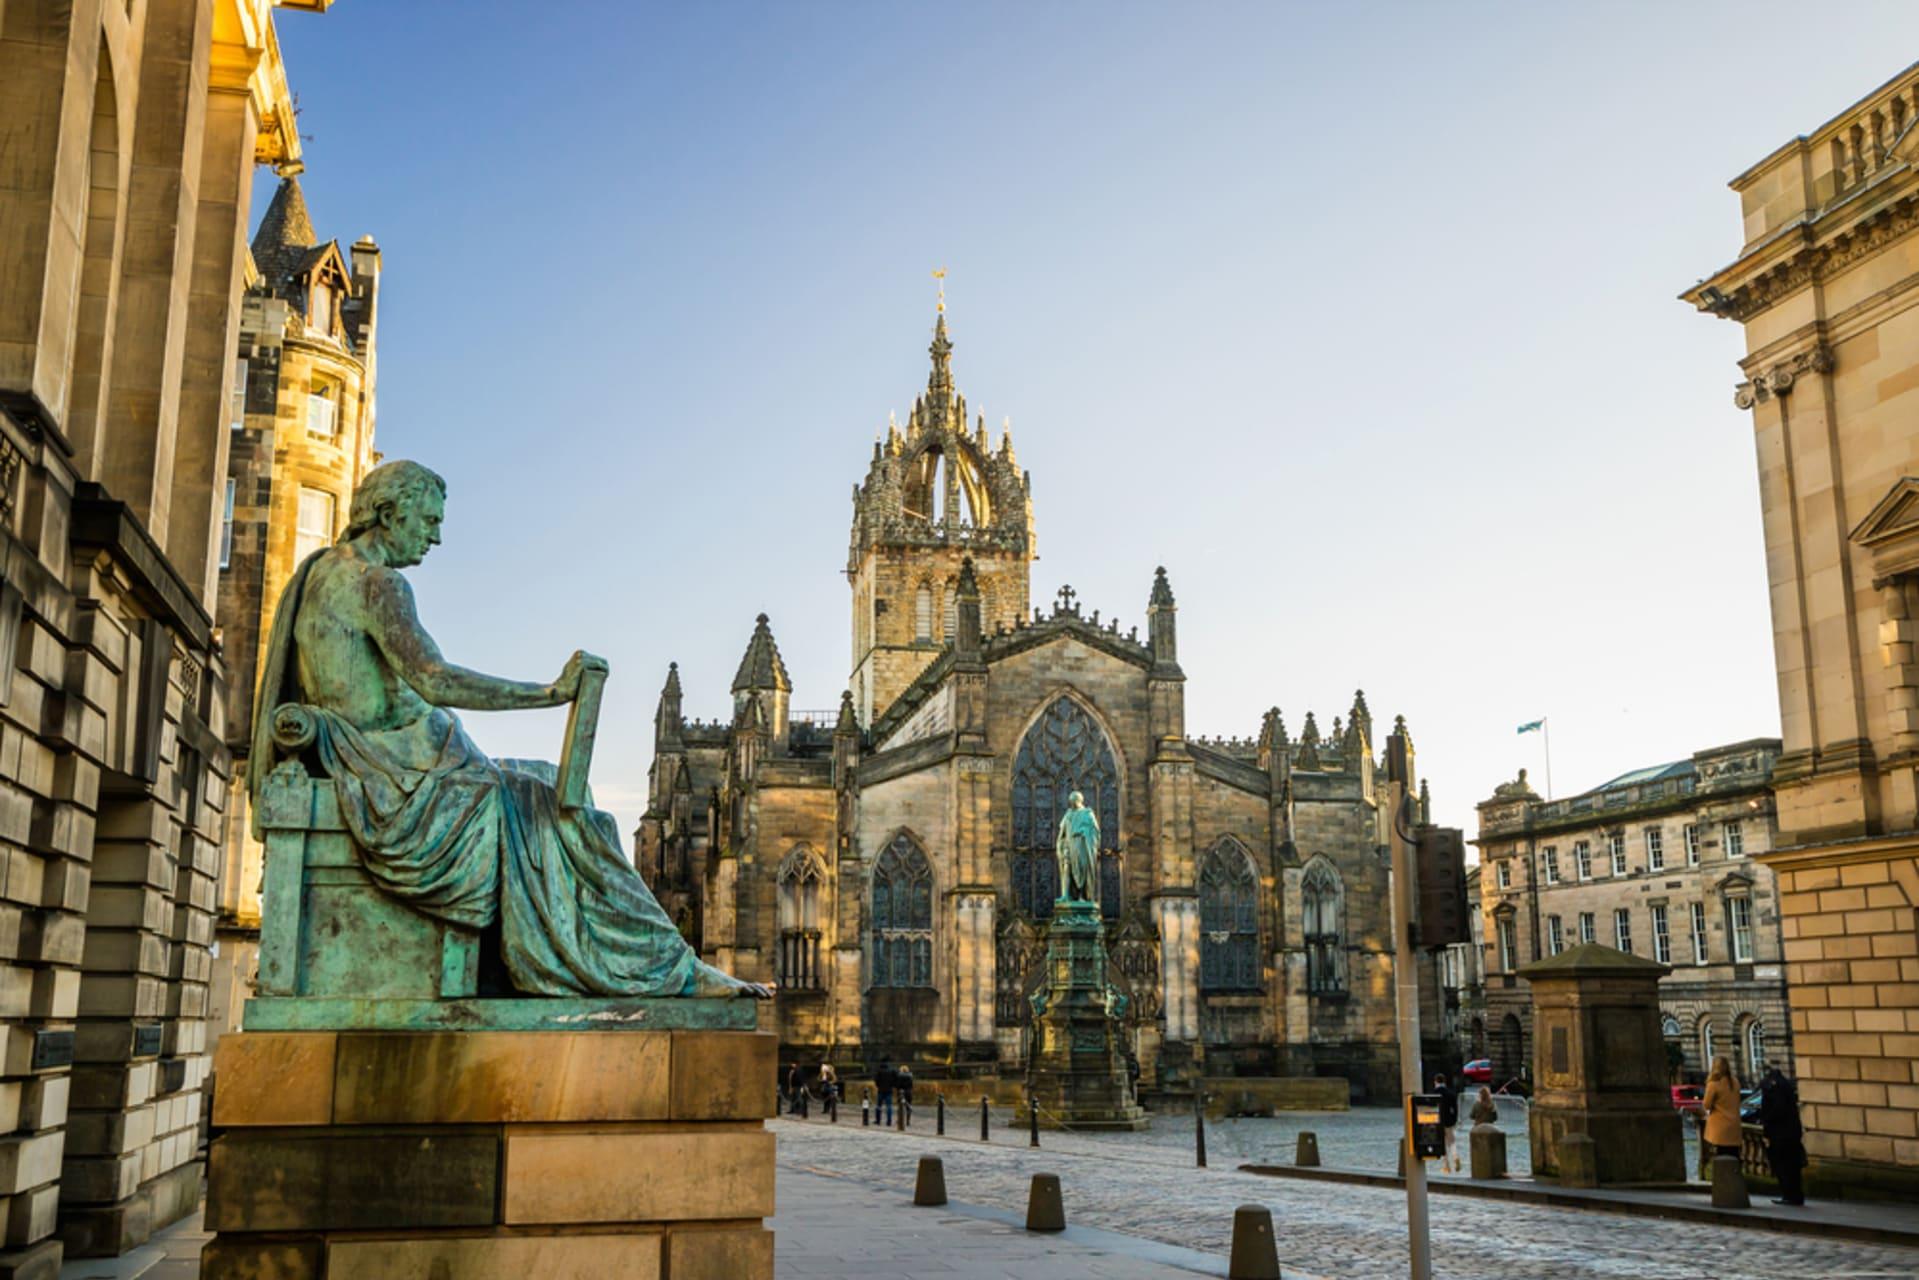 Edinburgh - An Introduction to Edinburgh Castle and the Royal Mile